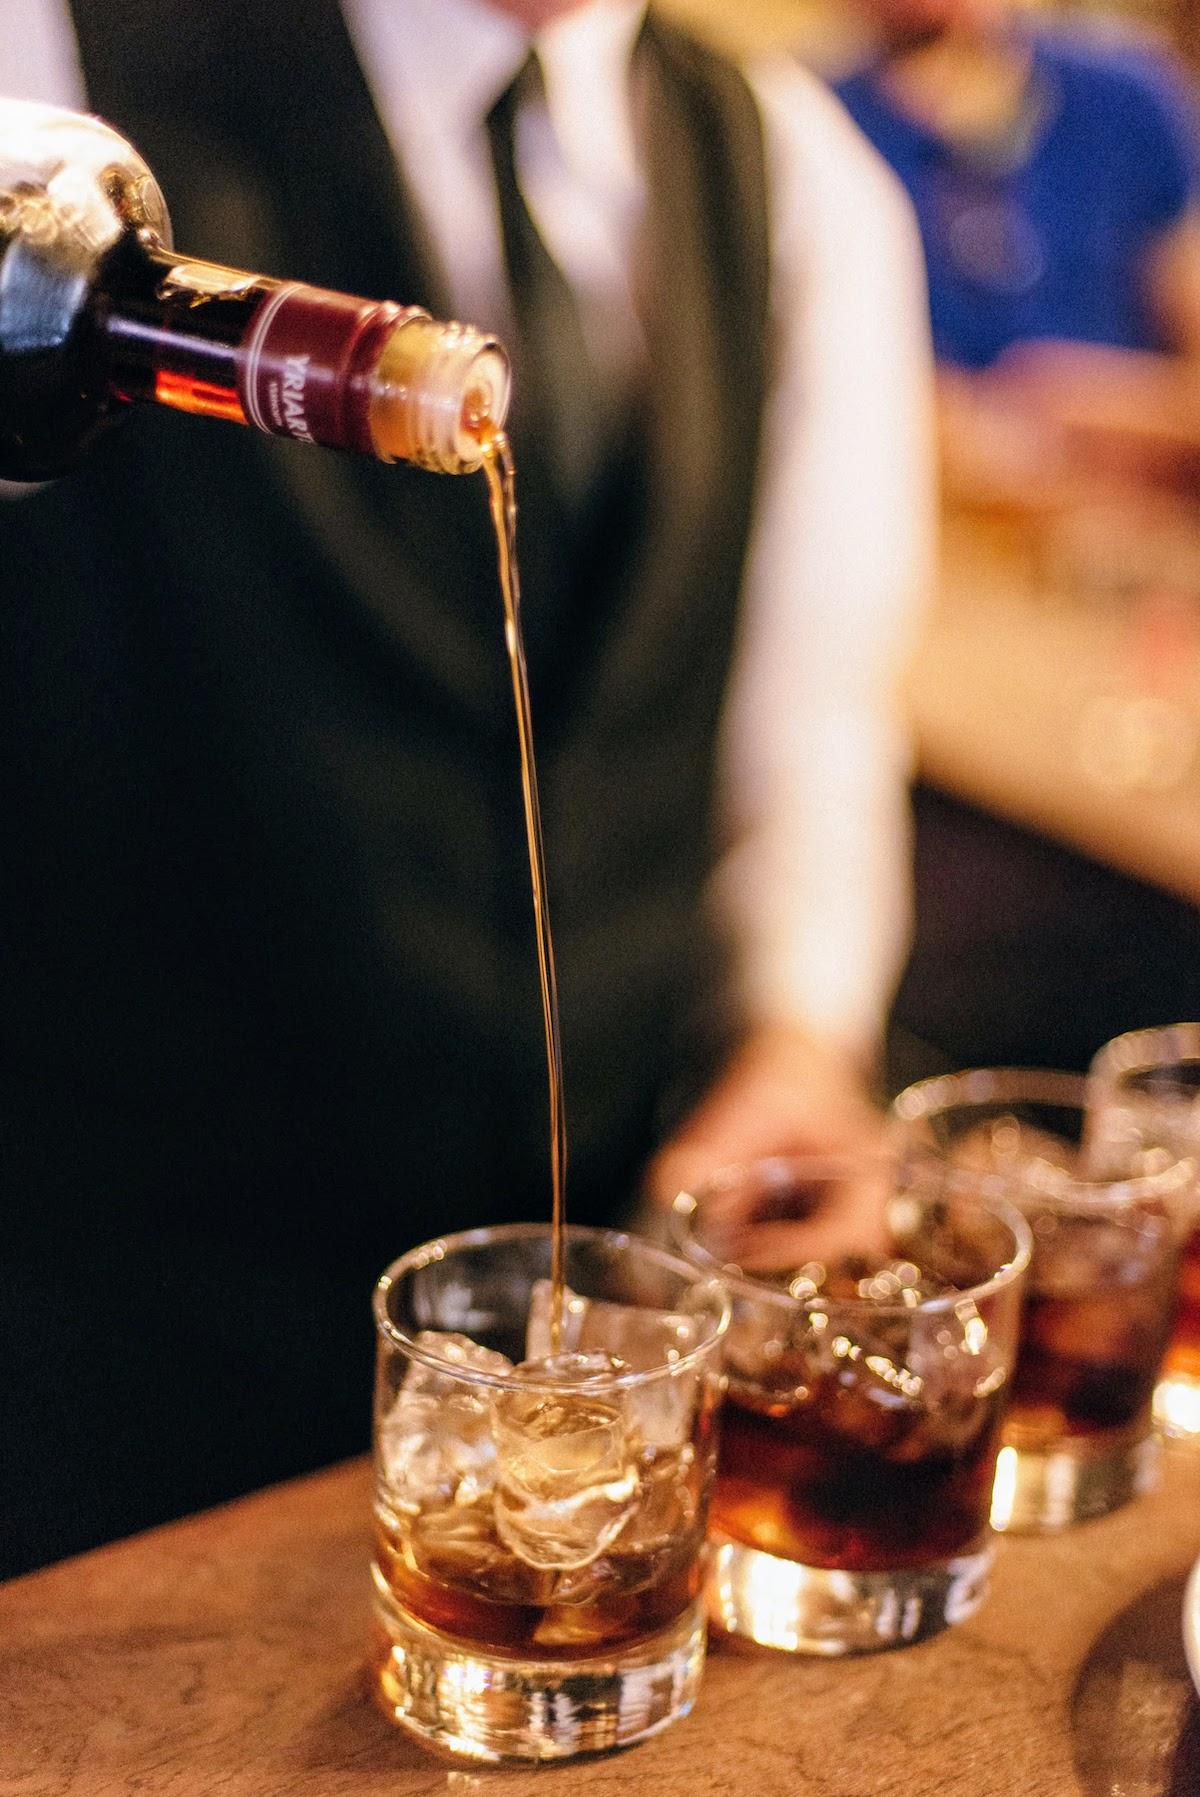 Camarero vertiendo vermú de una botella en tres vasos con hielo.